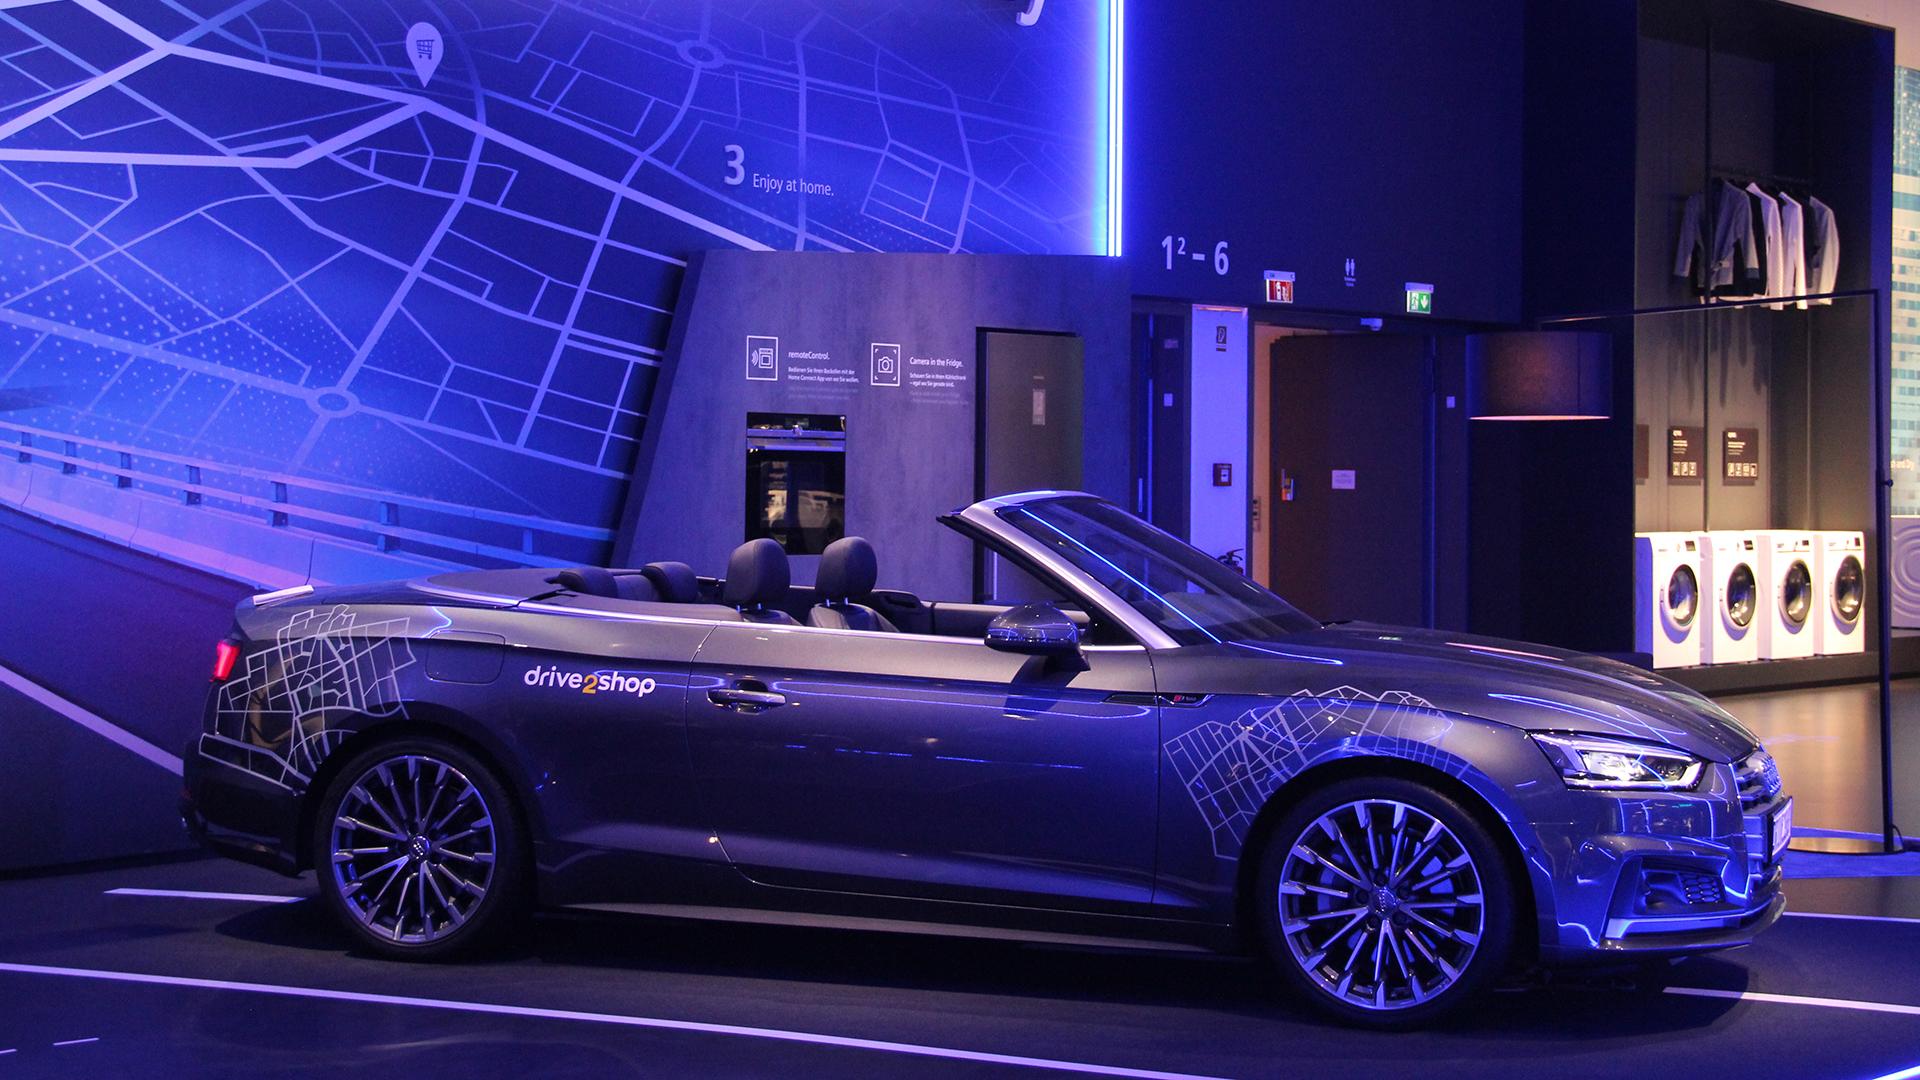 IFA2018现场展示的智能汽车